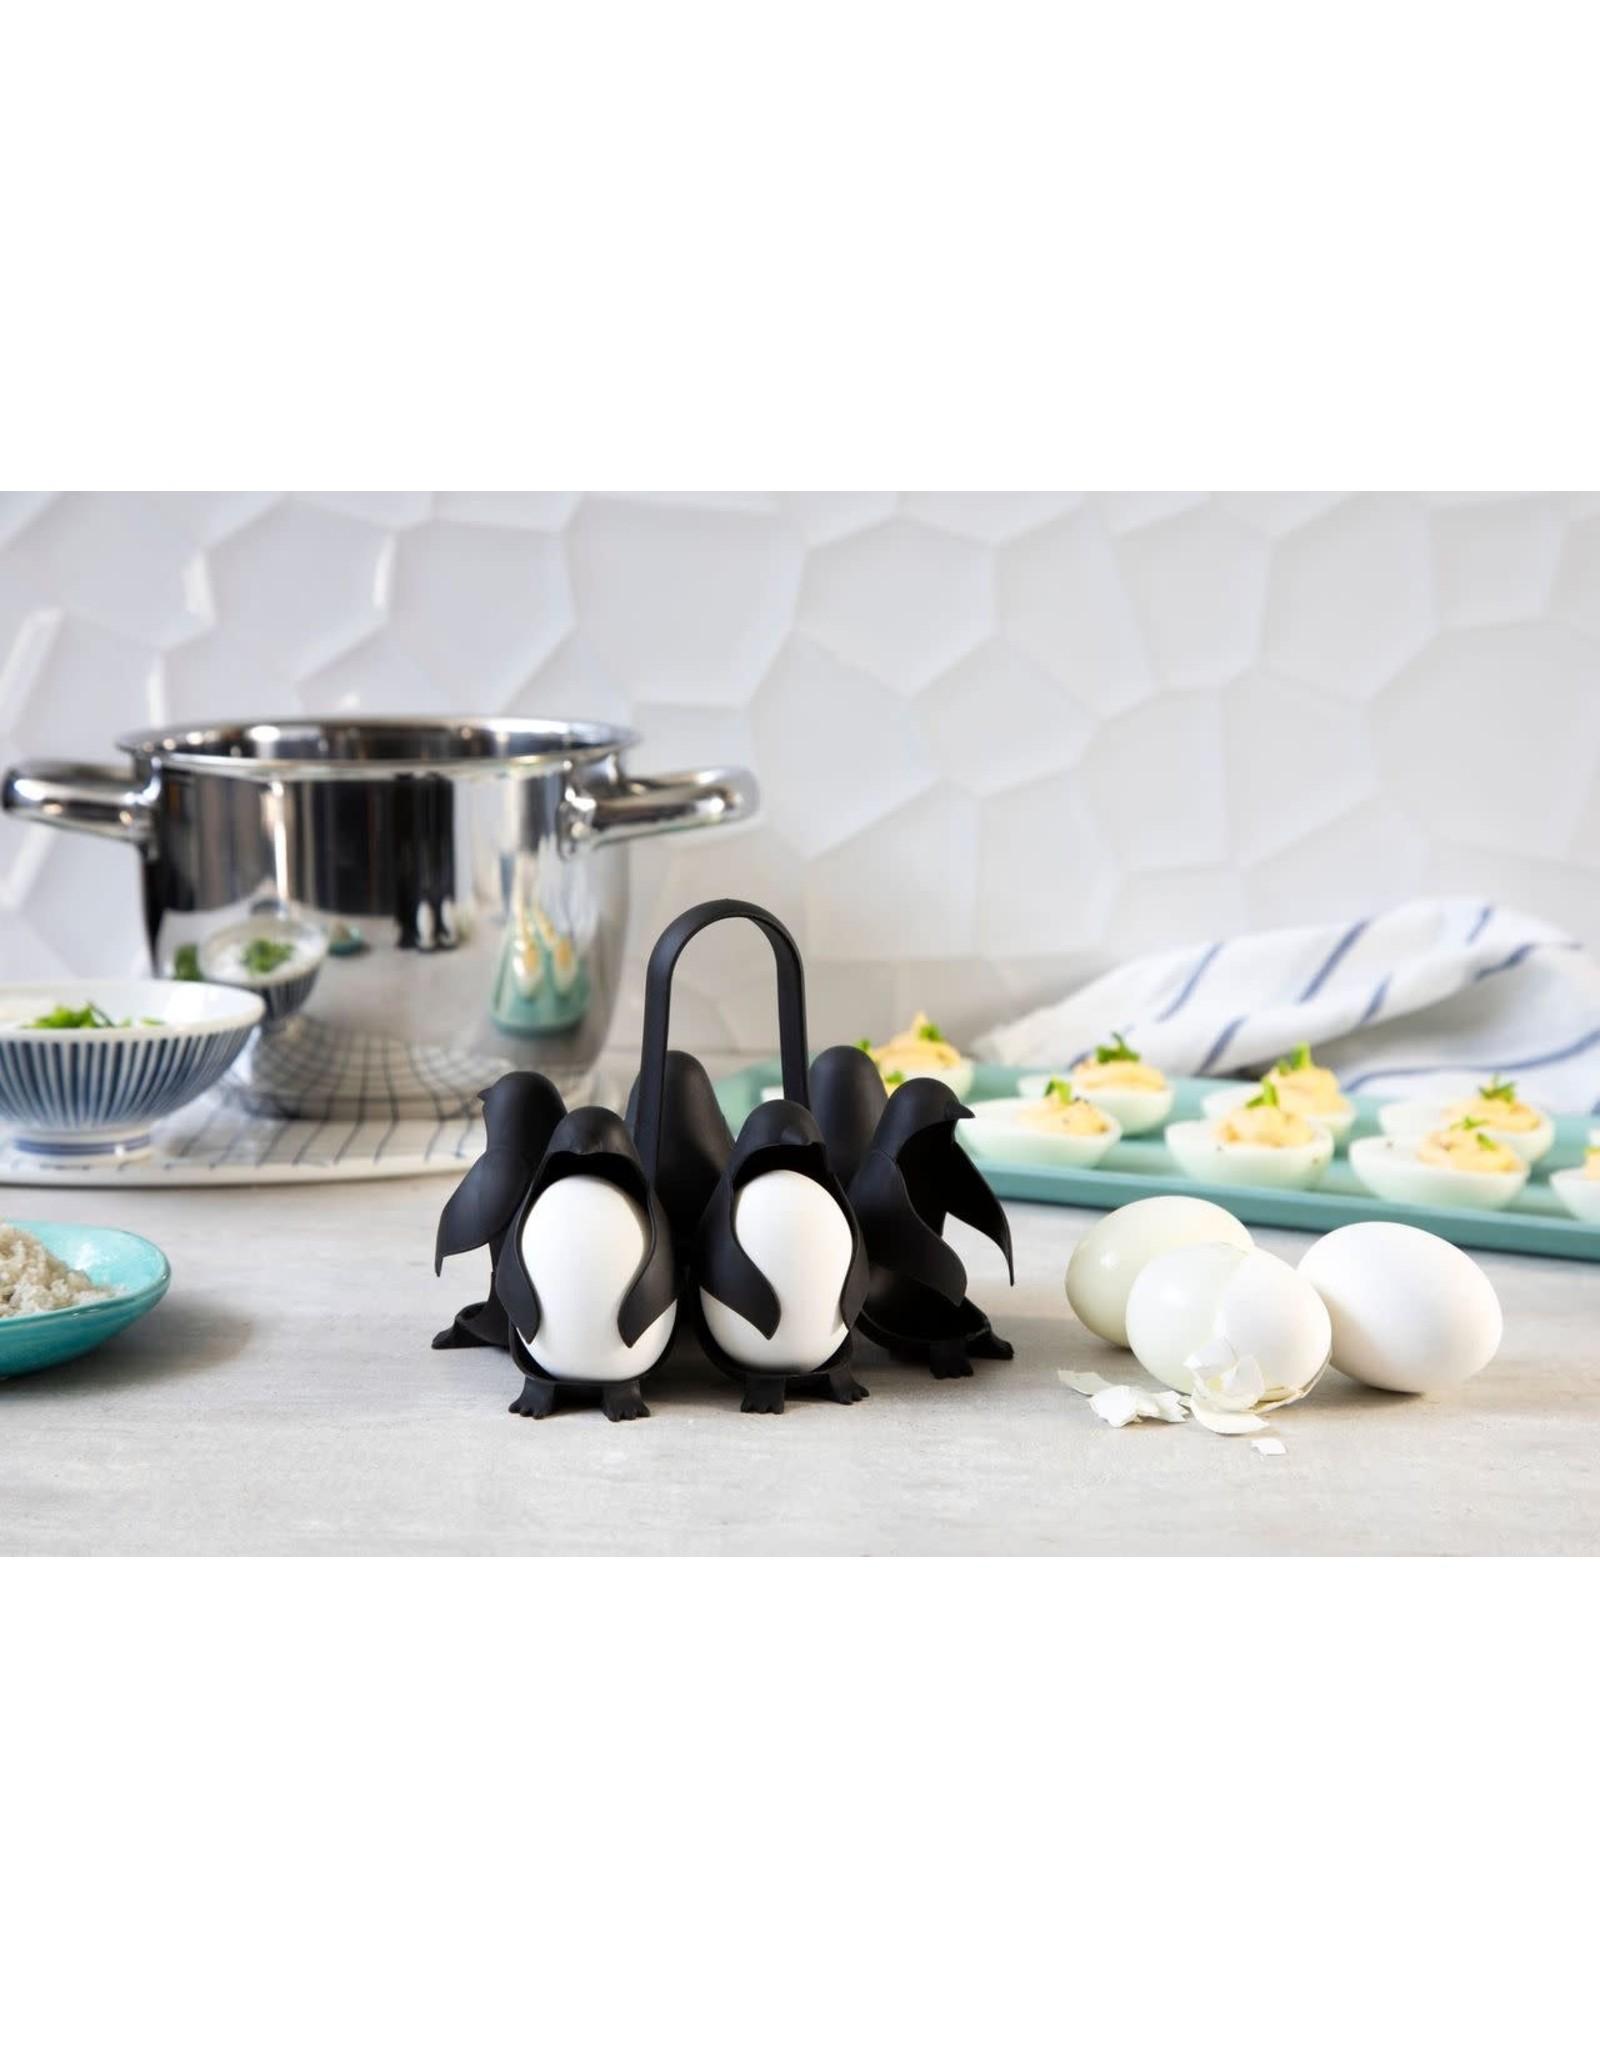 Peleg Design Egg holder for cooking eggs - egguins